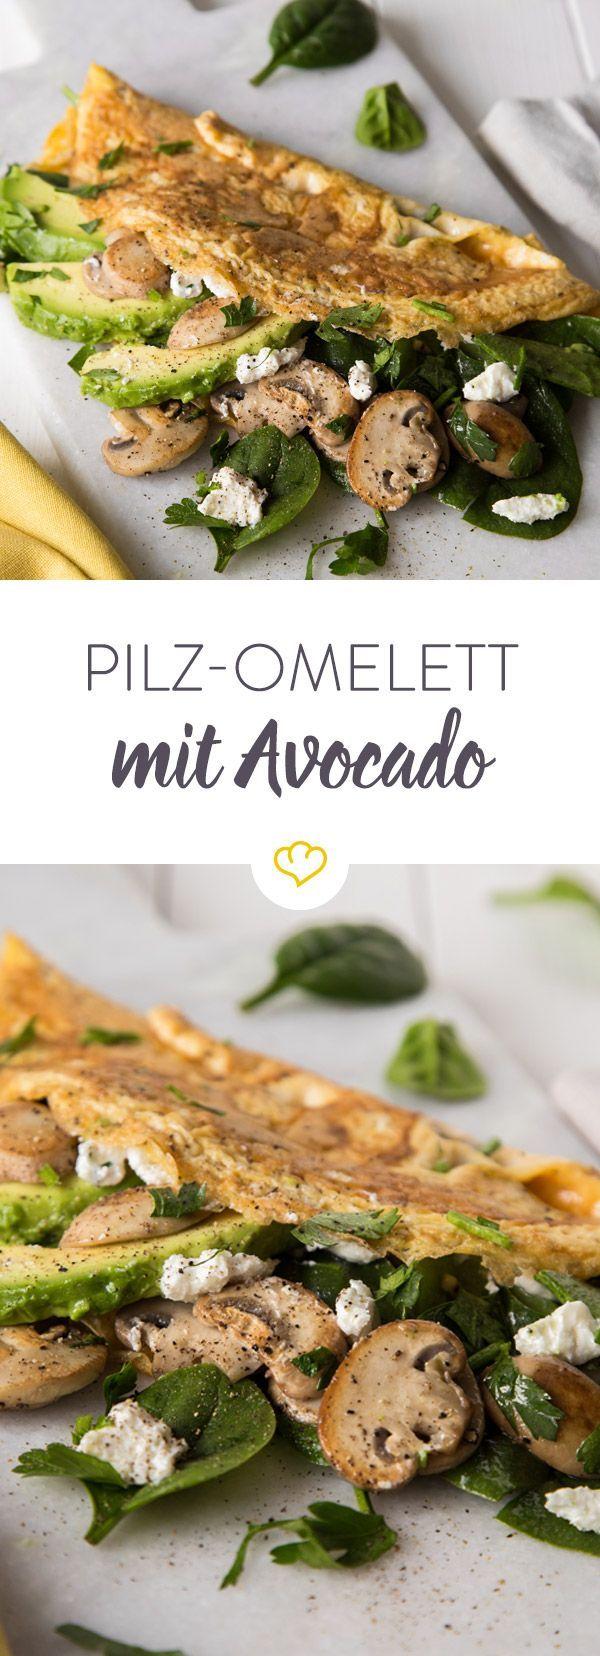 Mit reifer Avocado, zartem Babyspinat und würzigem Ziegenkäse mausert sich das einfache Pilz-Omelett zum blitzschnellen Feierabendgericht. (Breakfast)